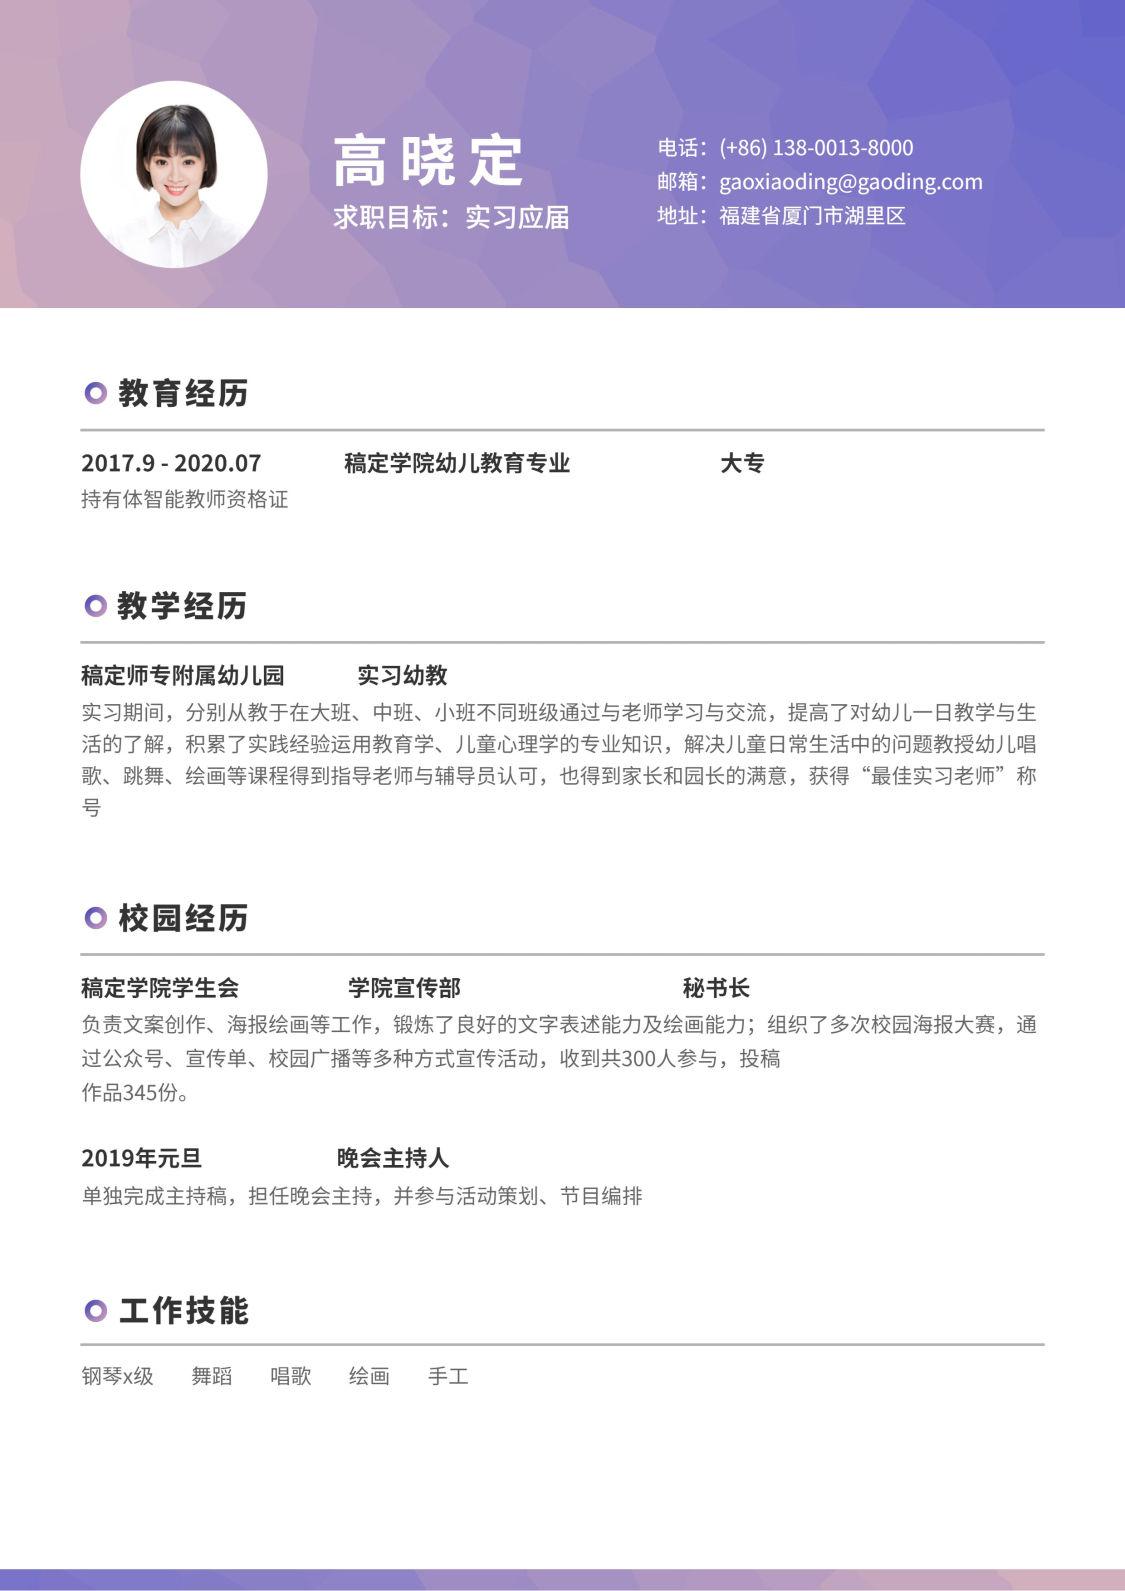 紫色幼教应届生简历(实习应届)